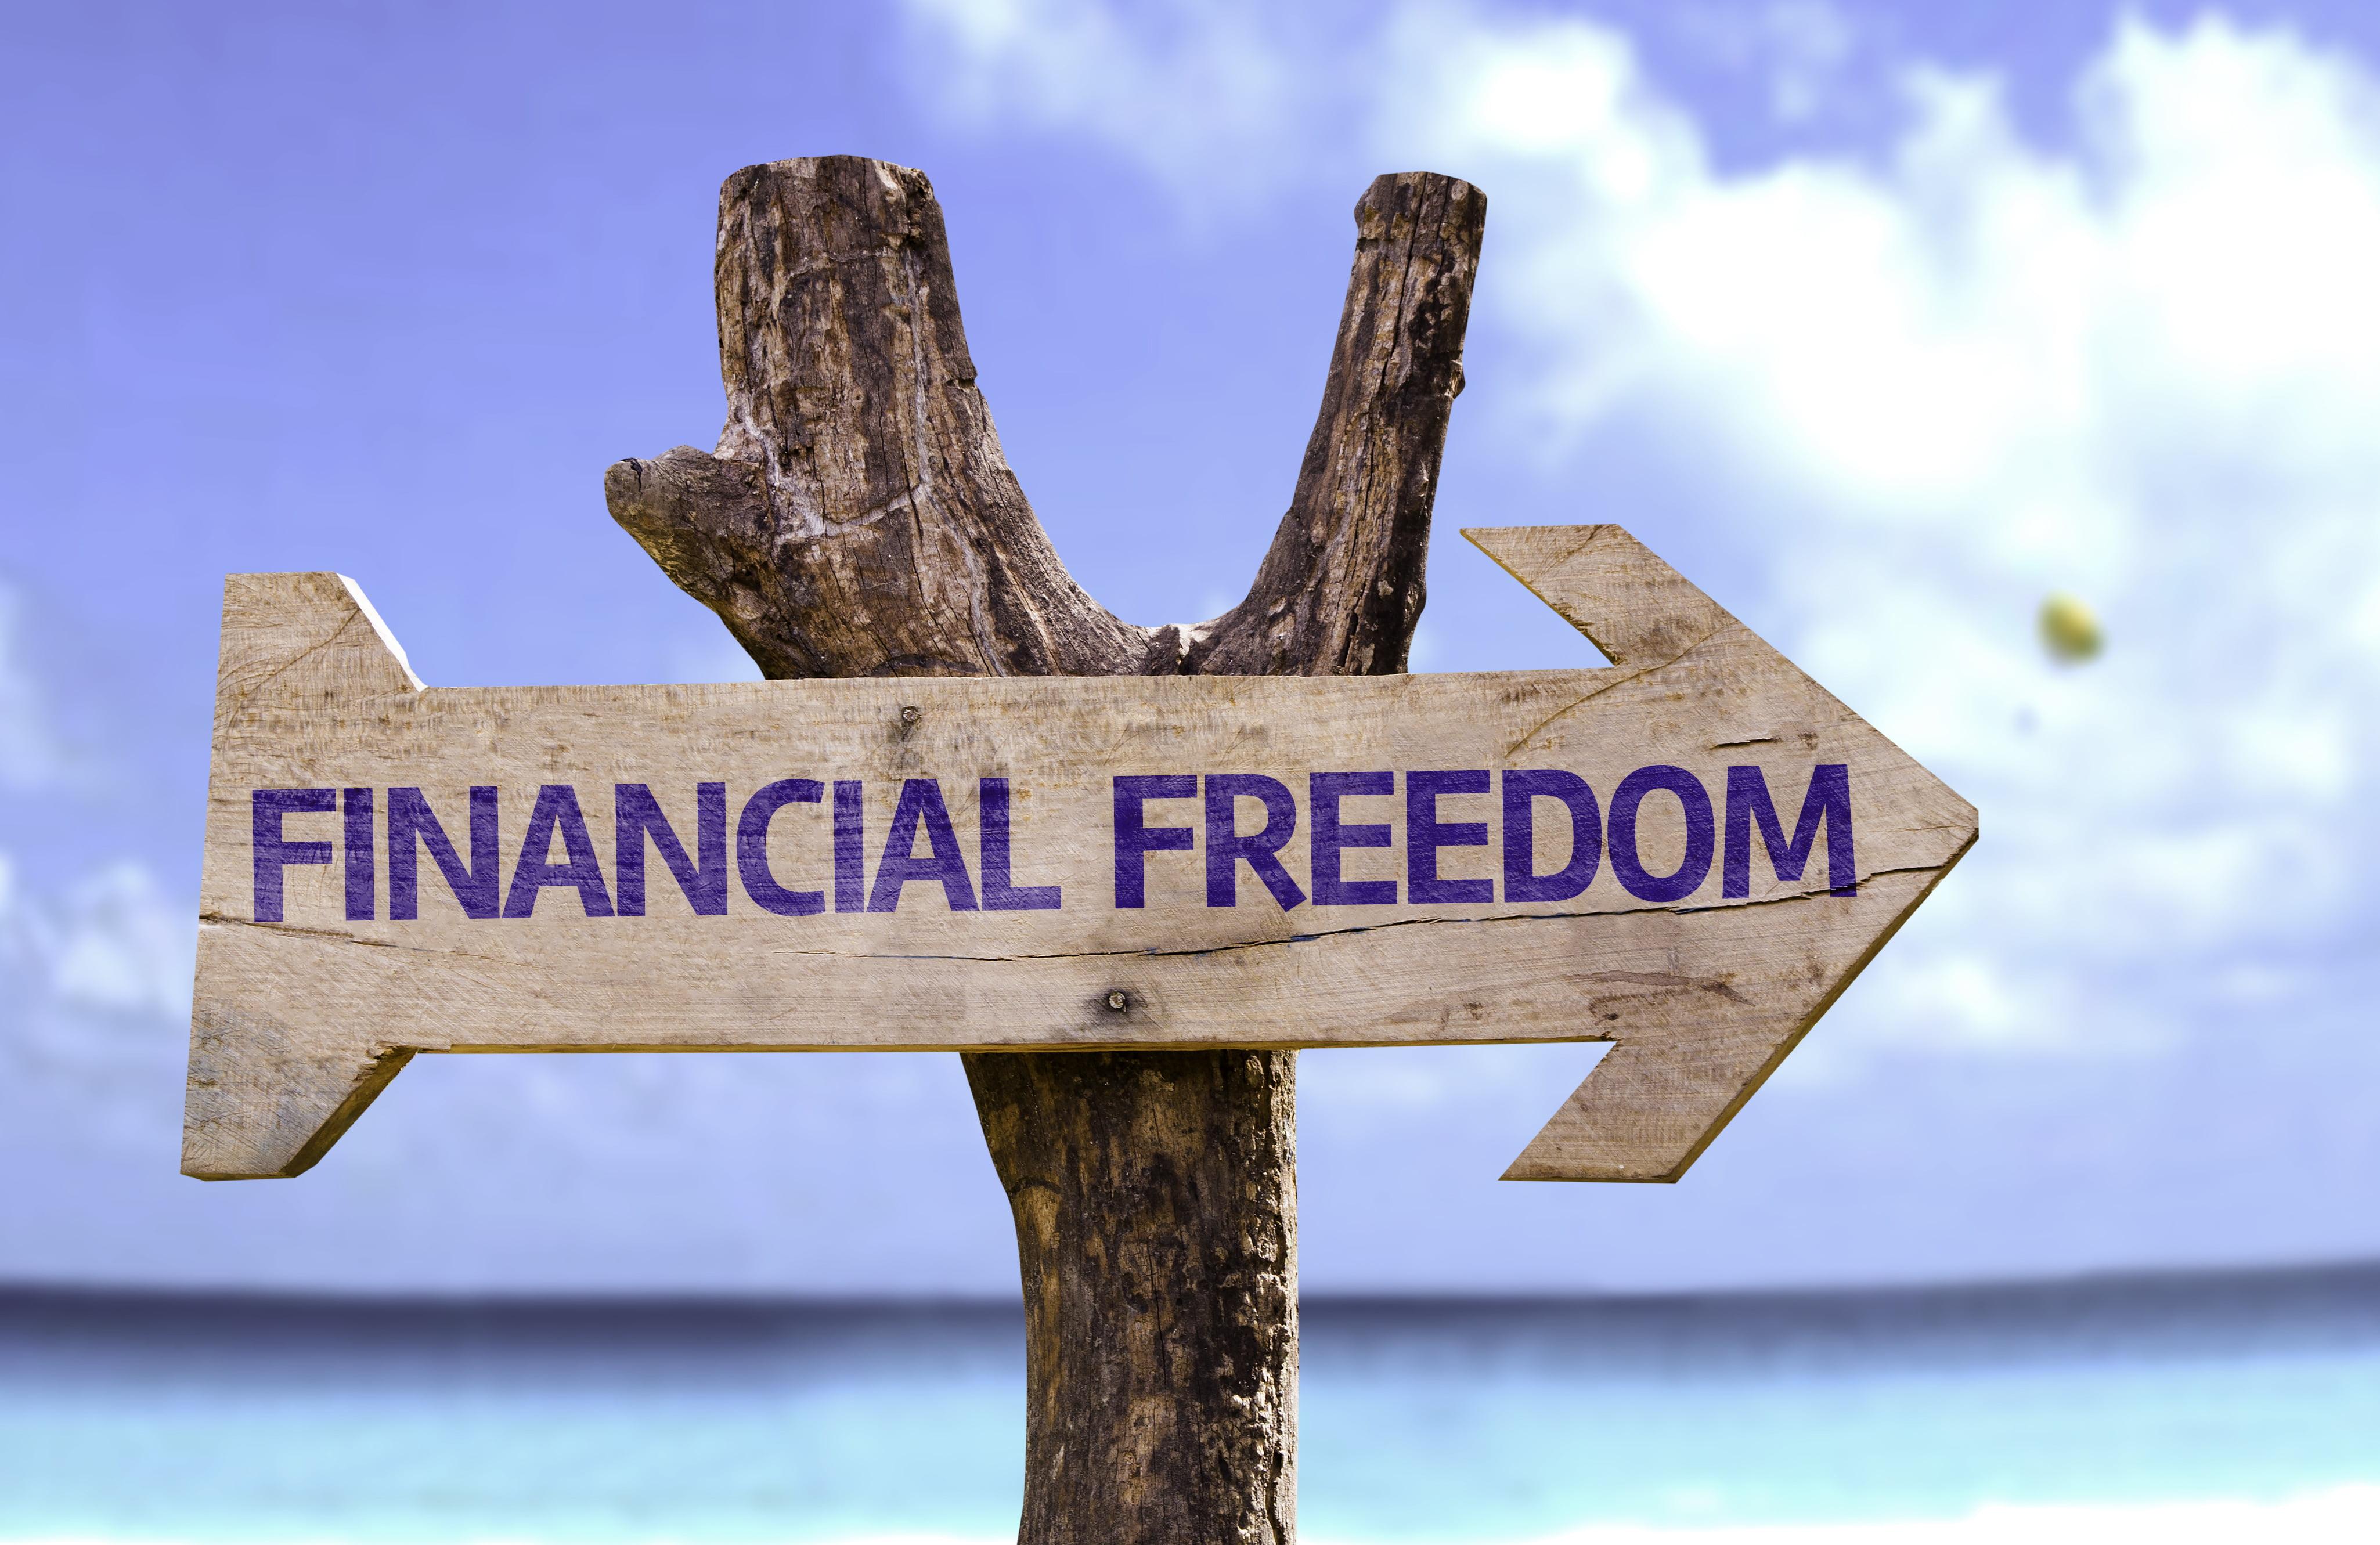 Houten bord met opschrift Financiel Freedom met strand op achtergrond